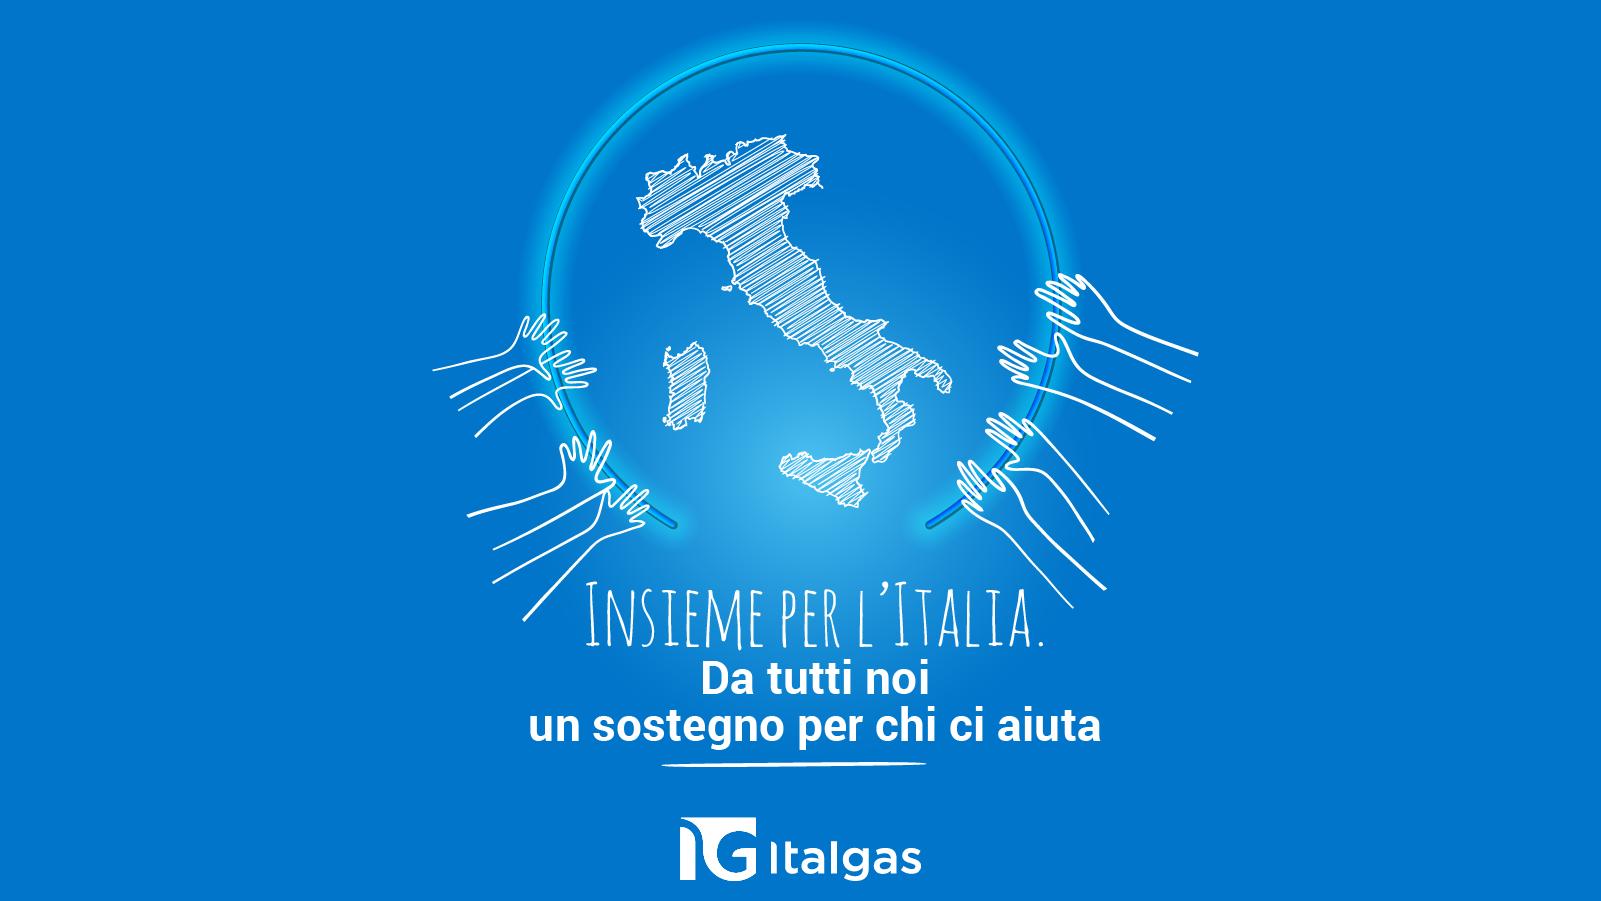 I dipendenti del Gruppo Italgas donano l'equivalente di circa 7.000 ore di lavoro alla Protezione Civile. La Società ne raddoppia l'importo